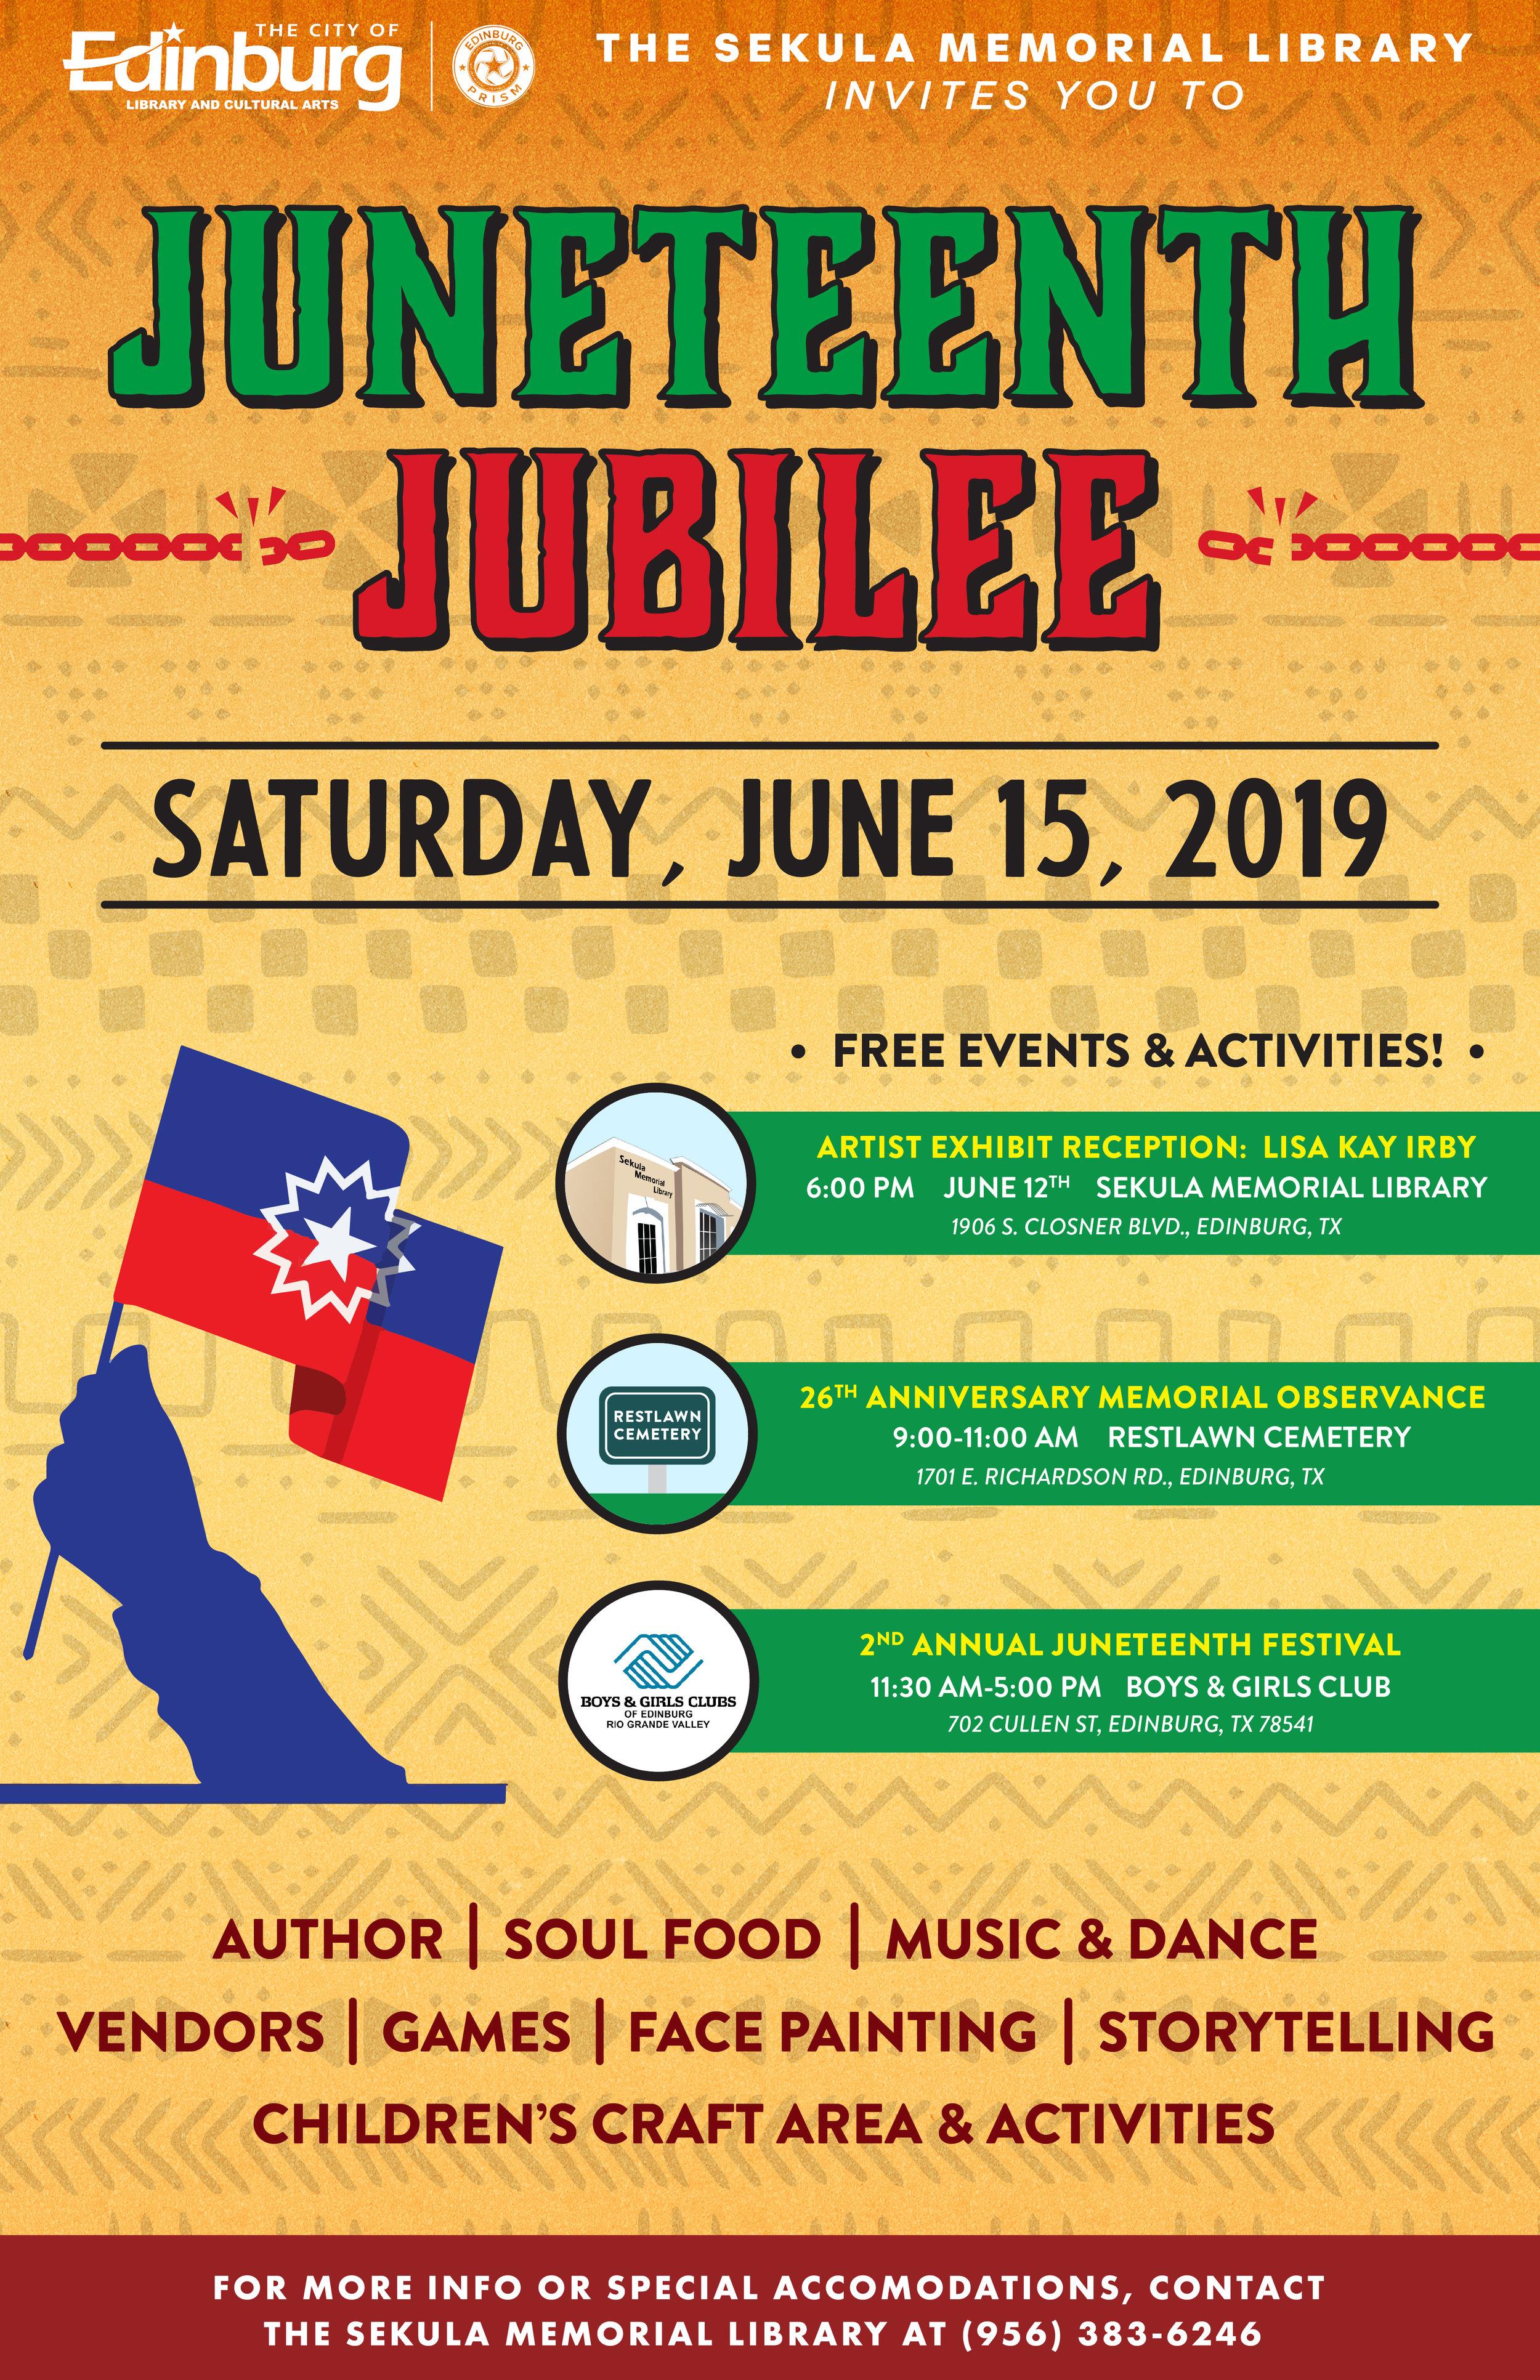 Juneteenth Jubilee 19.jpg